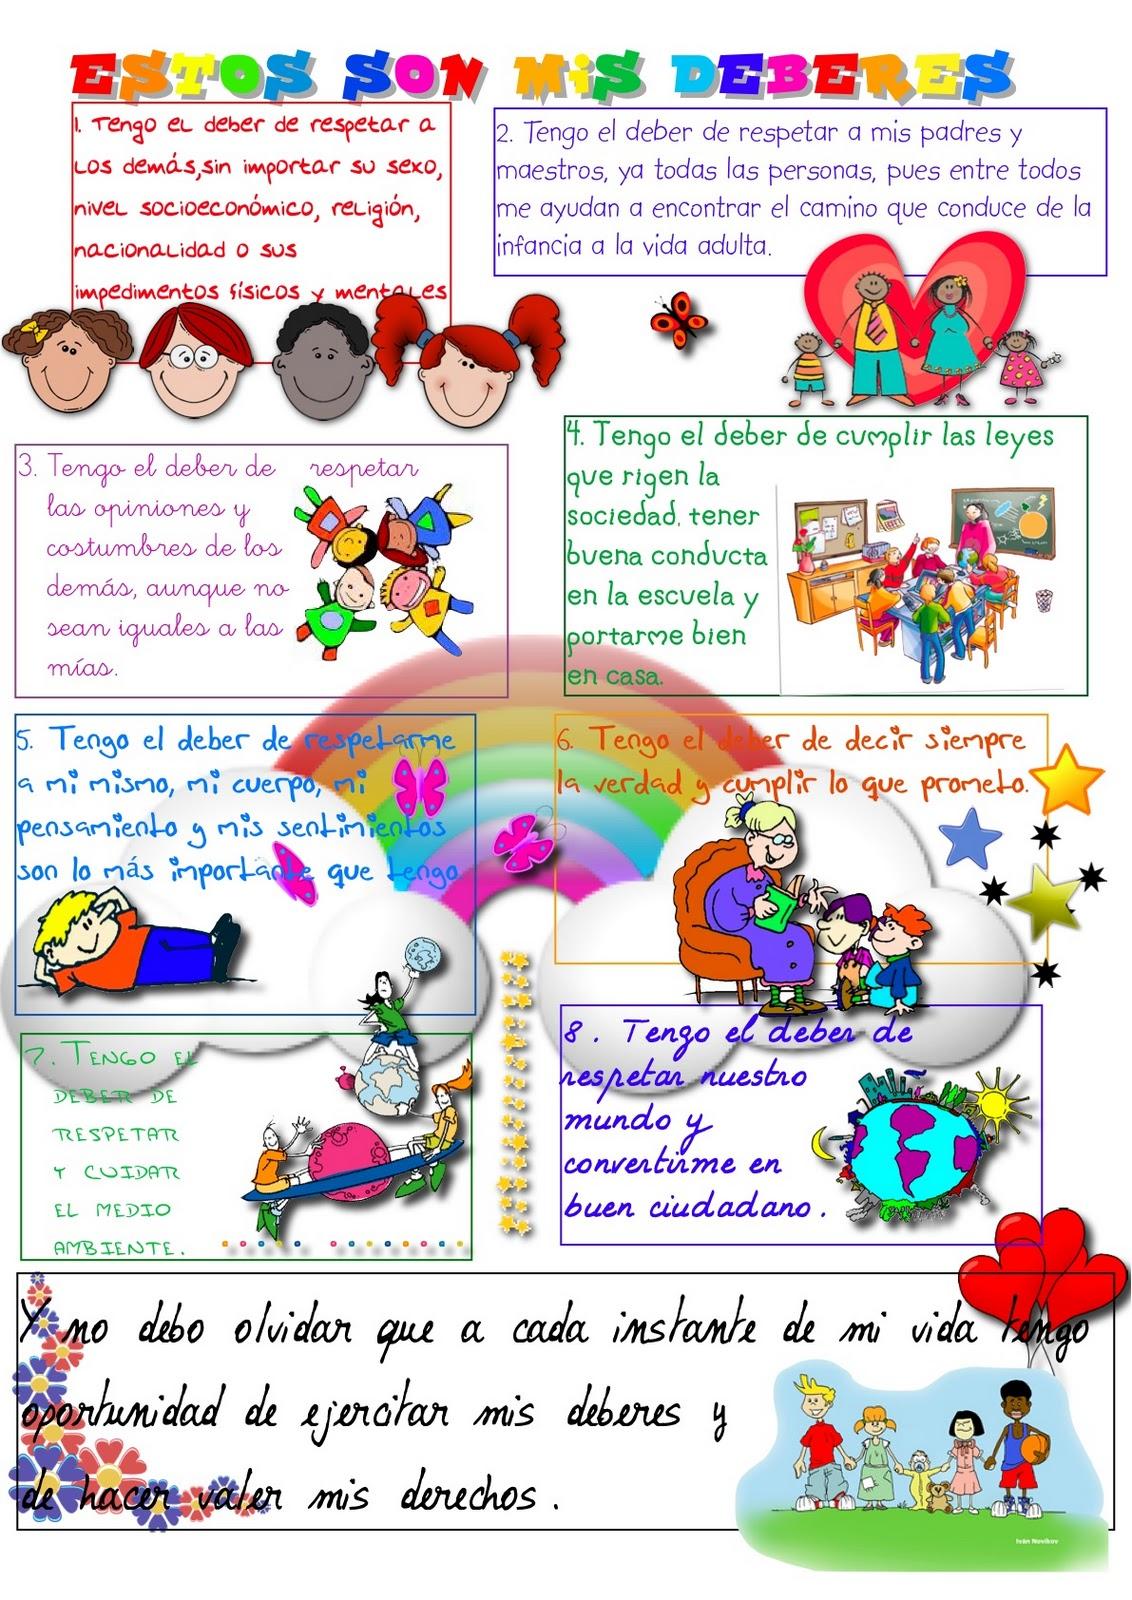 COSITAS PARA EL COLE: marzo 2011